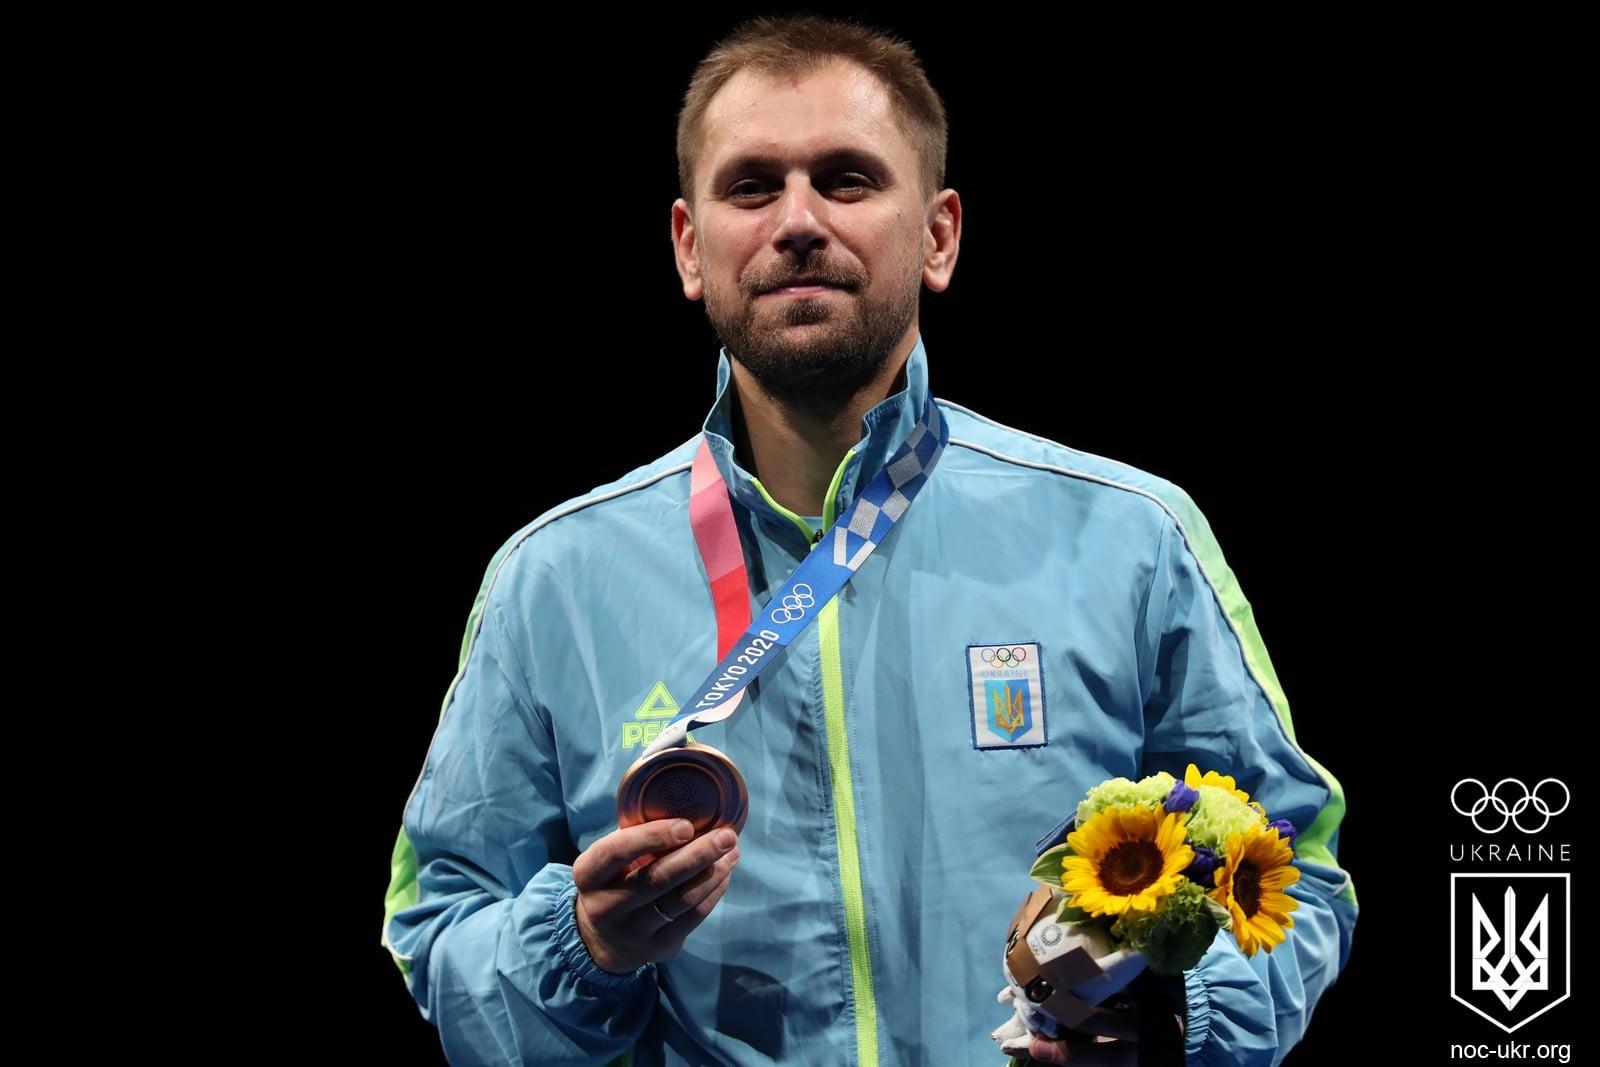 Ігоря Рейзліна та його тренерів відзначено державними нагородами!